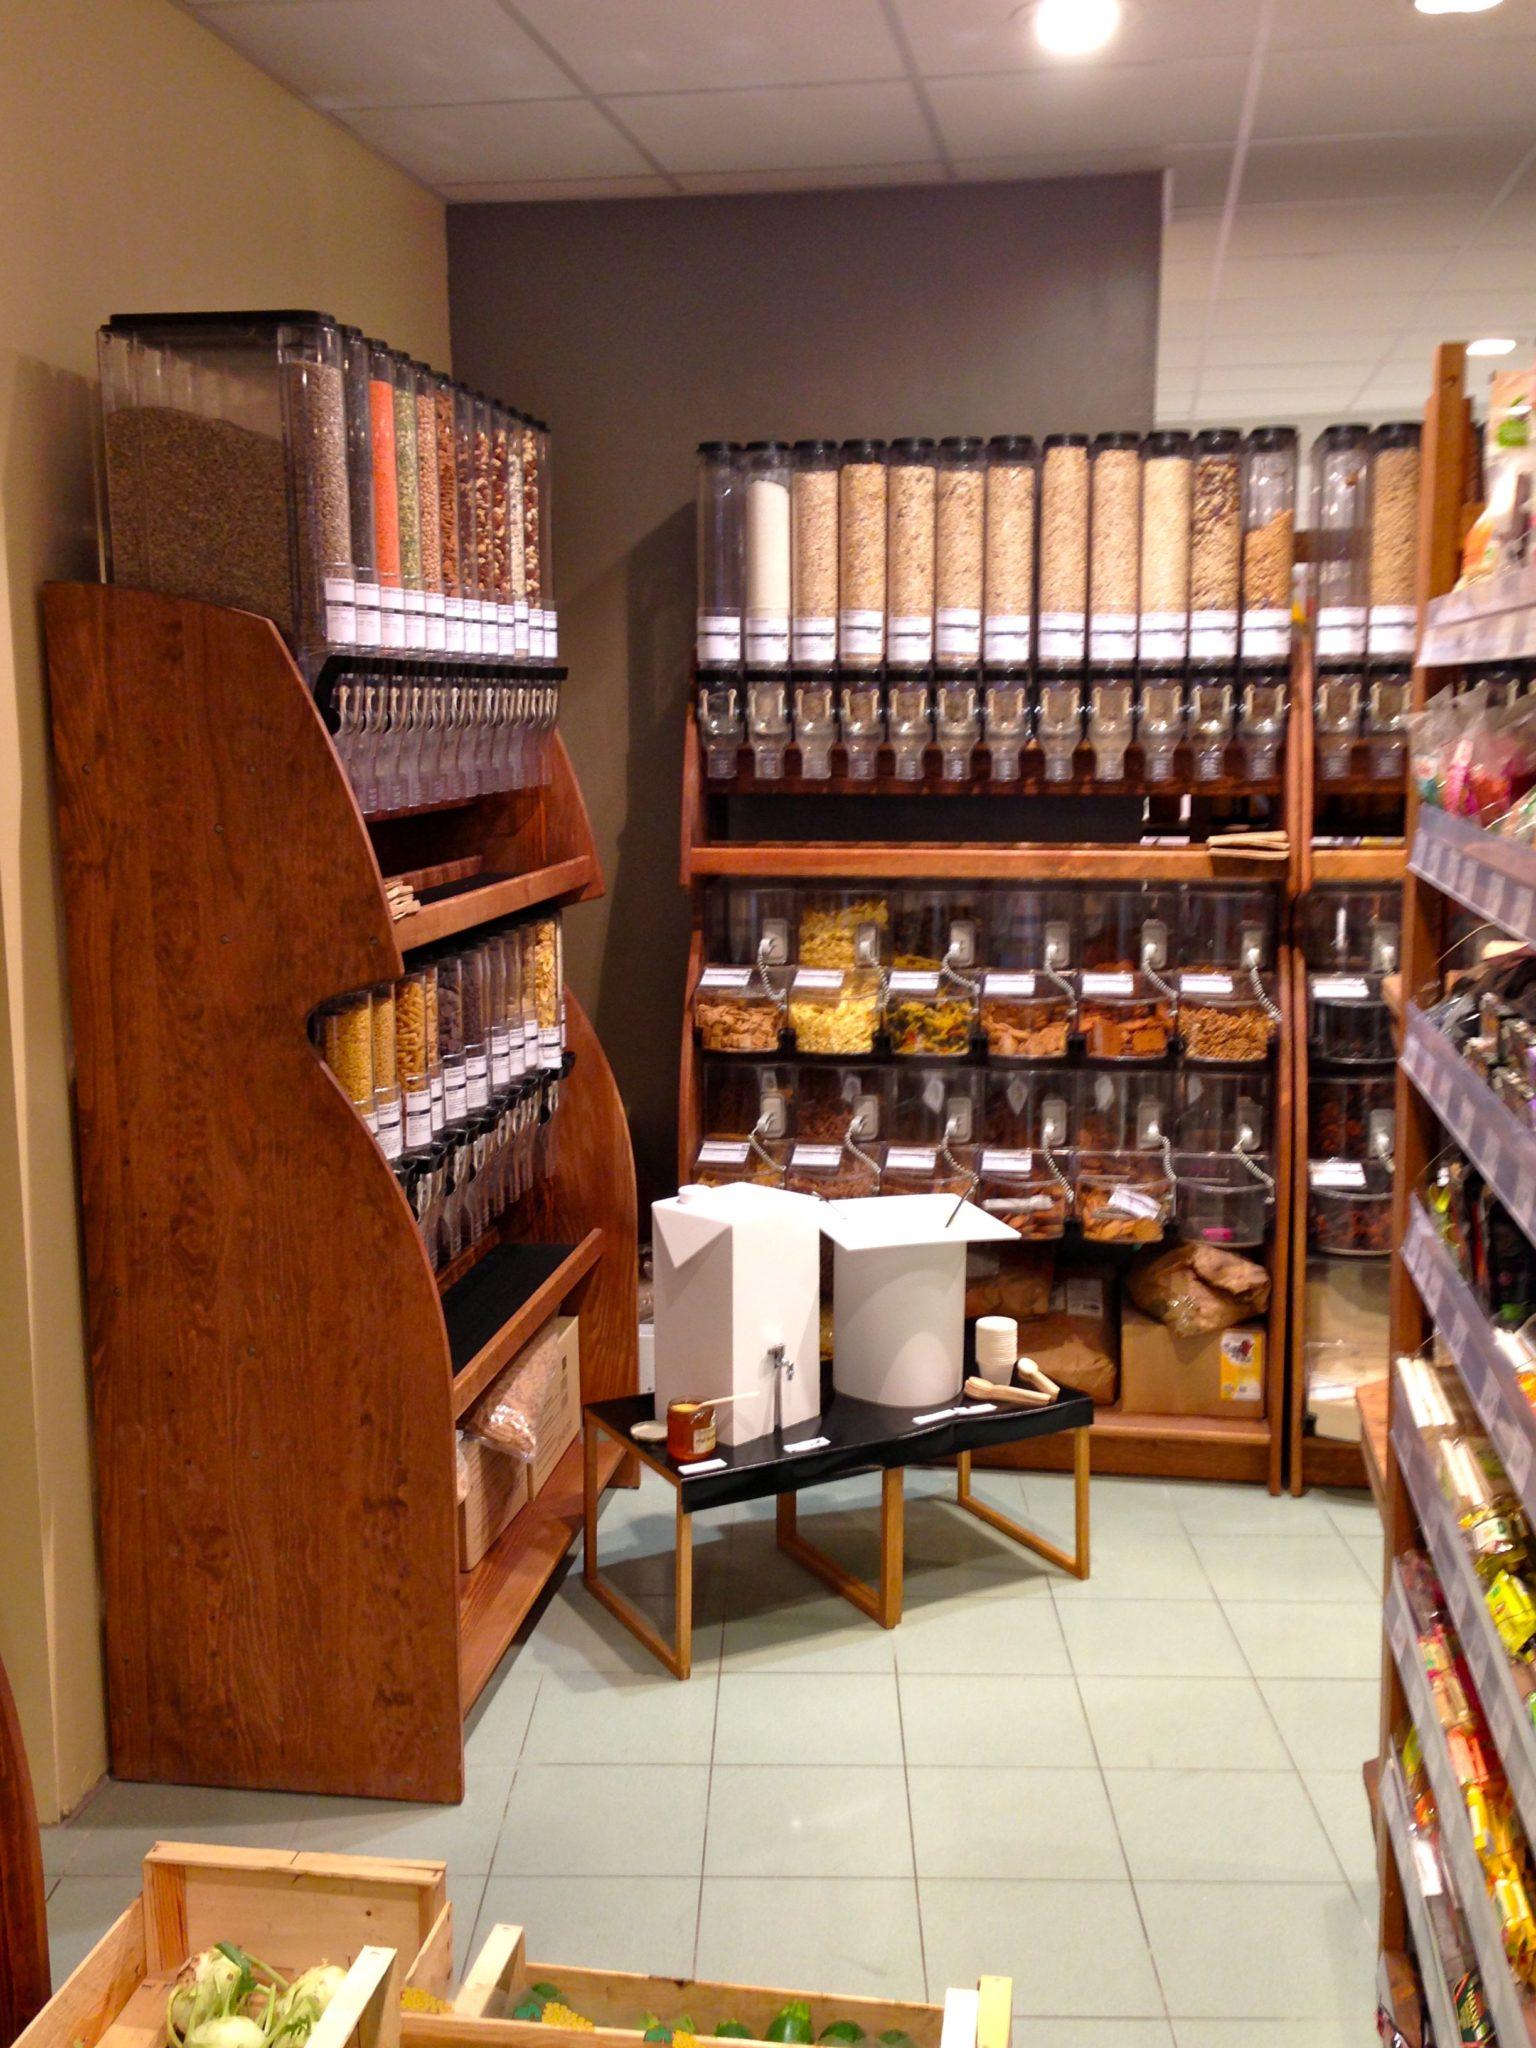 biocoop quai des halles strasbourg magasin bio 103 blog kapou. Black Bedroom Furniture Sets. Home Design Ideas